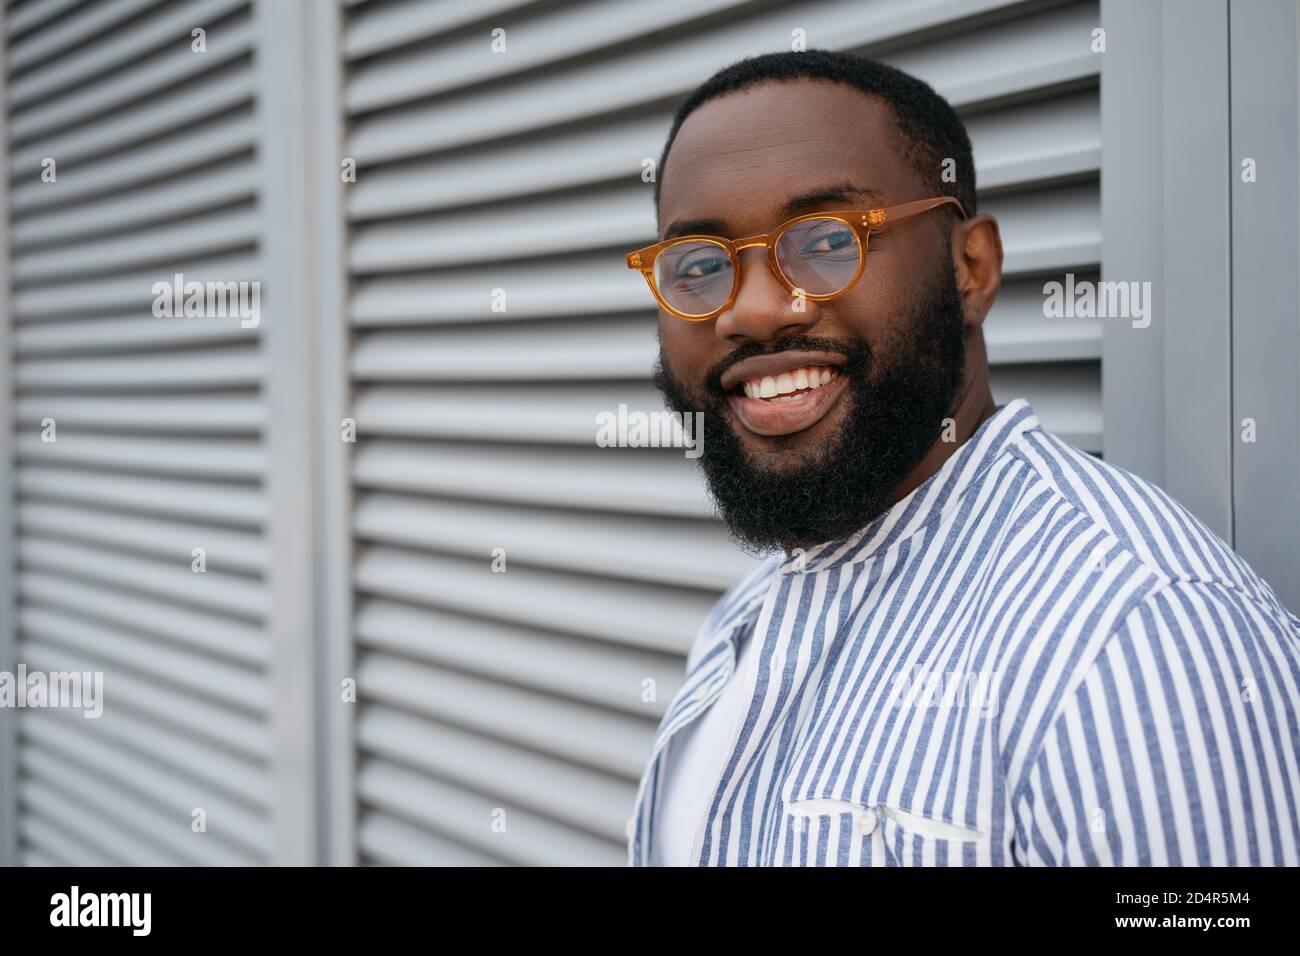 Primer retrato de un hombre afroamericano con éxito que llevaba gafas con estilo. Modelo guapo mirando la cámara, sonriendo, aislado en el fondo Foto de stock